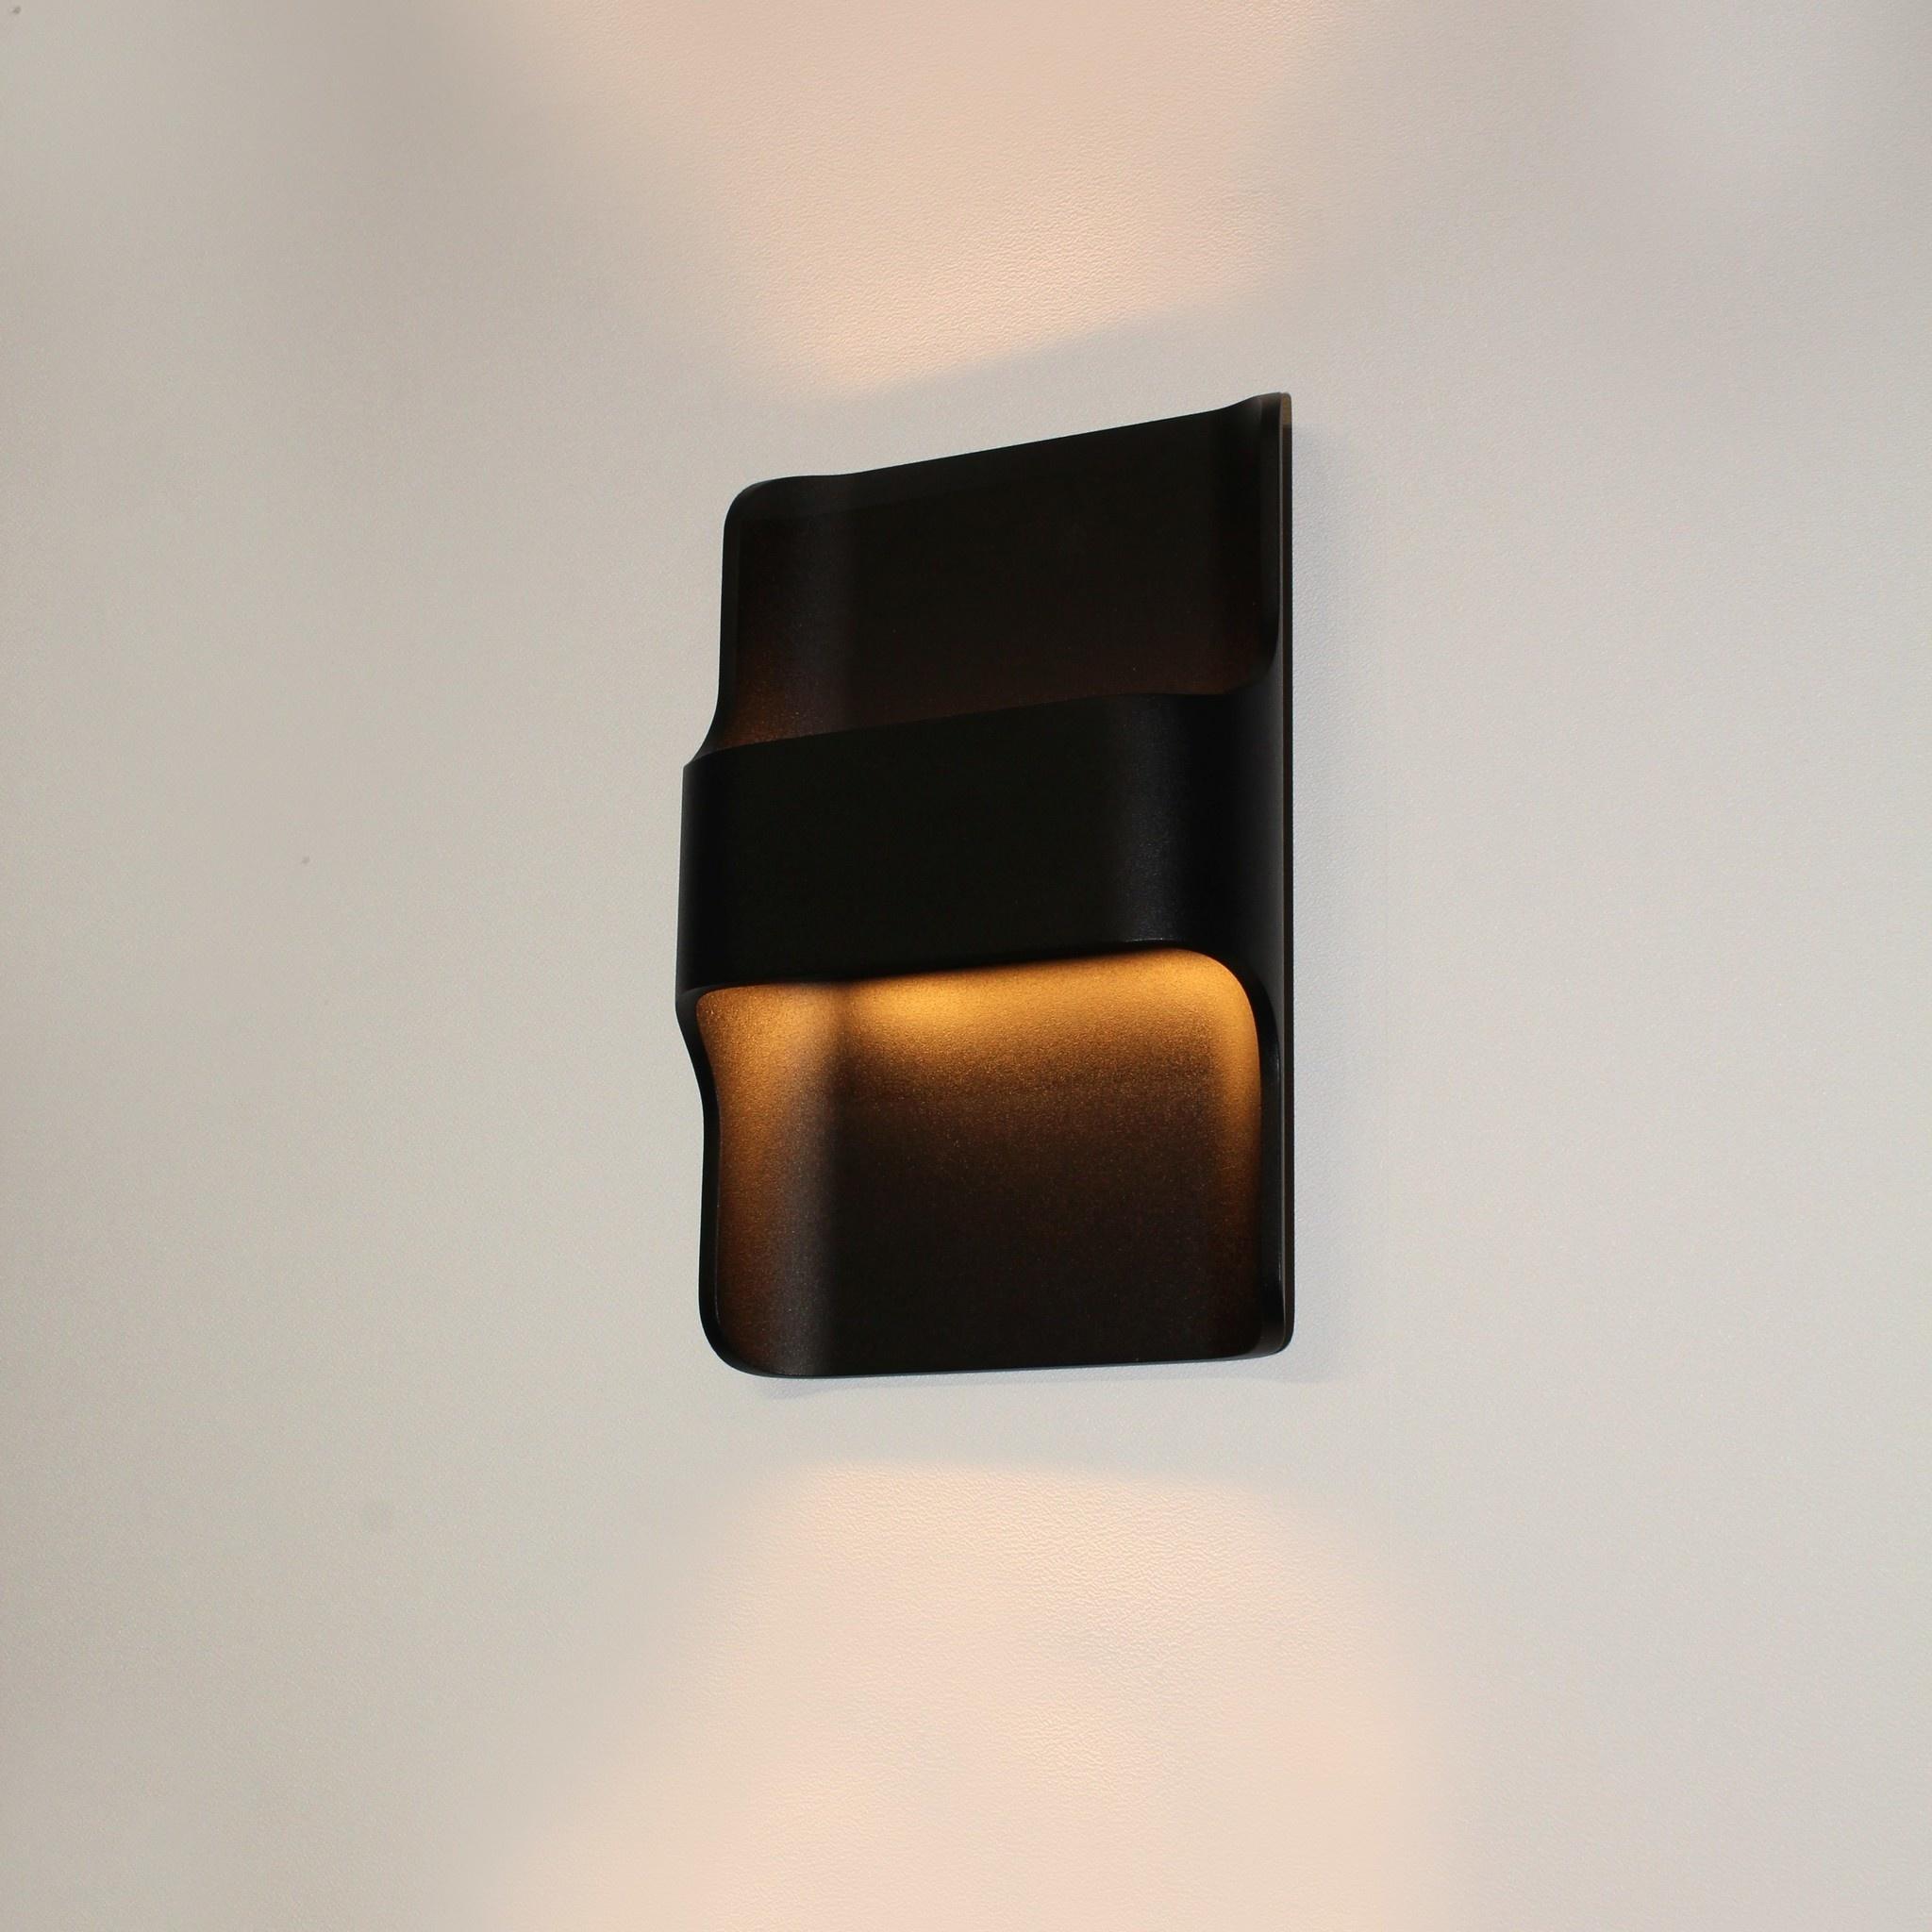 Artdelight Wandlamp Dallas zwart